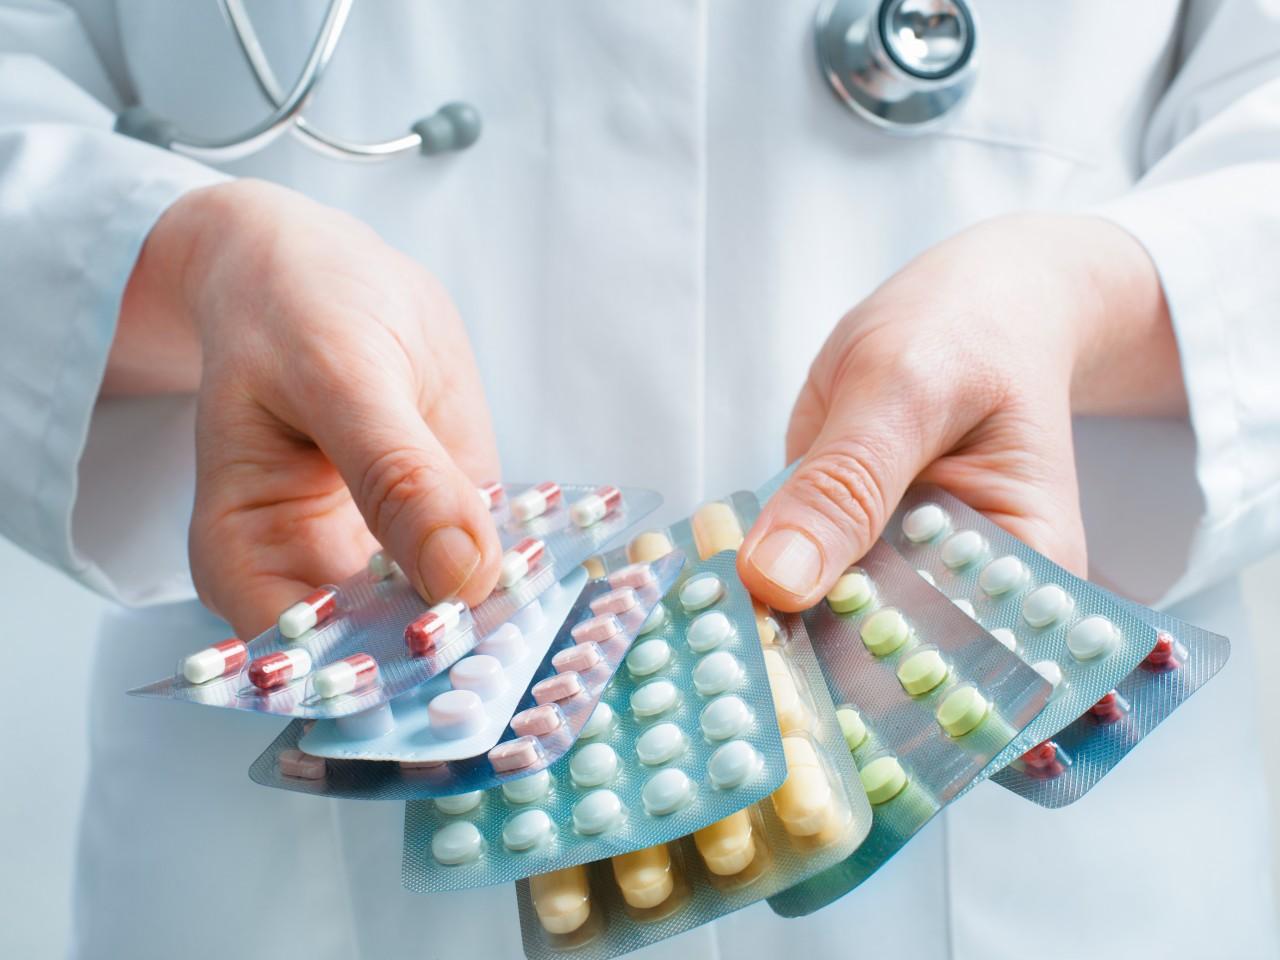 非法提供麻醉药品、精神药品罪吗啡深圳冰毒价格